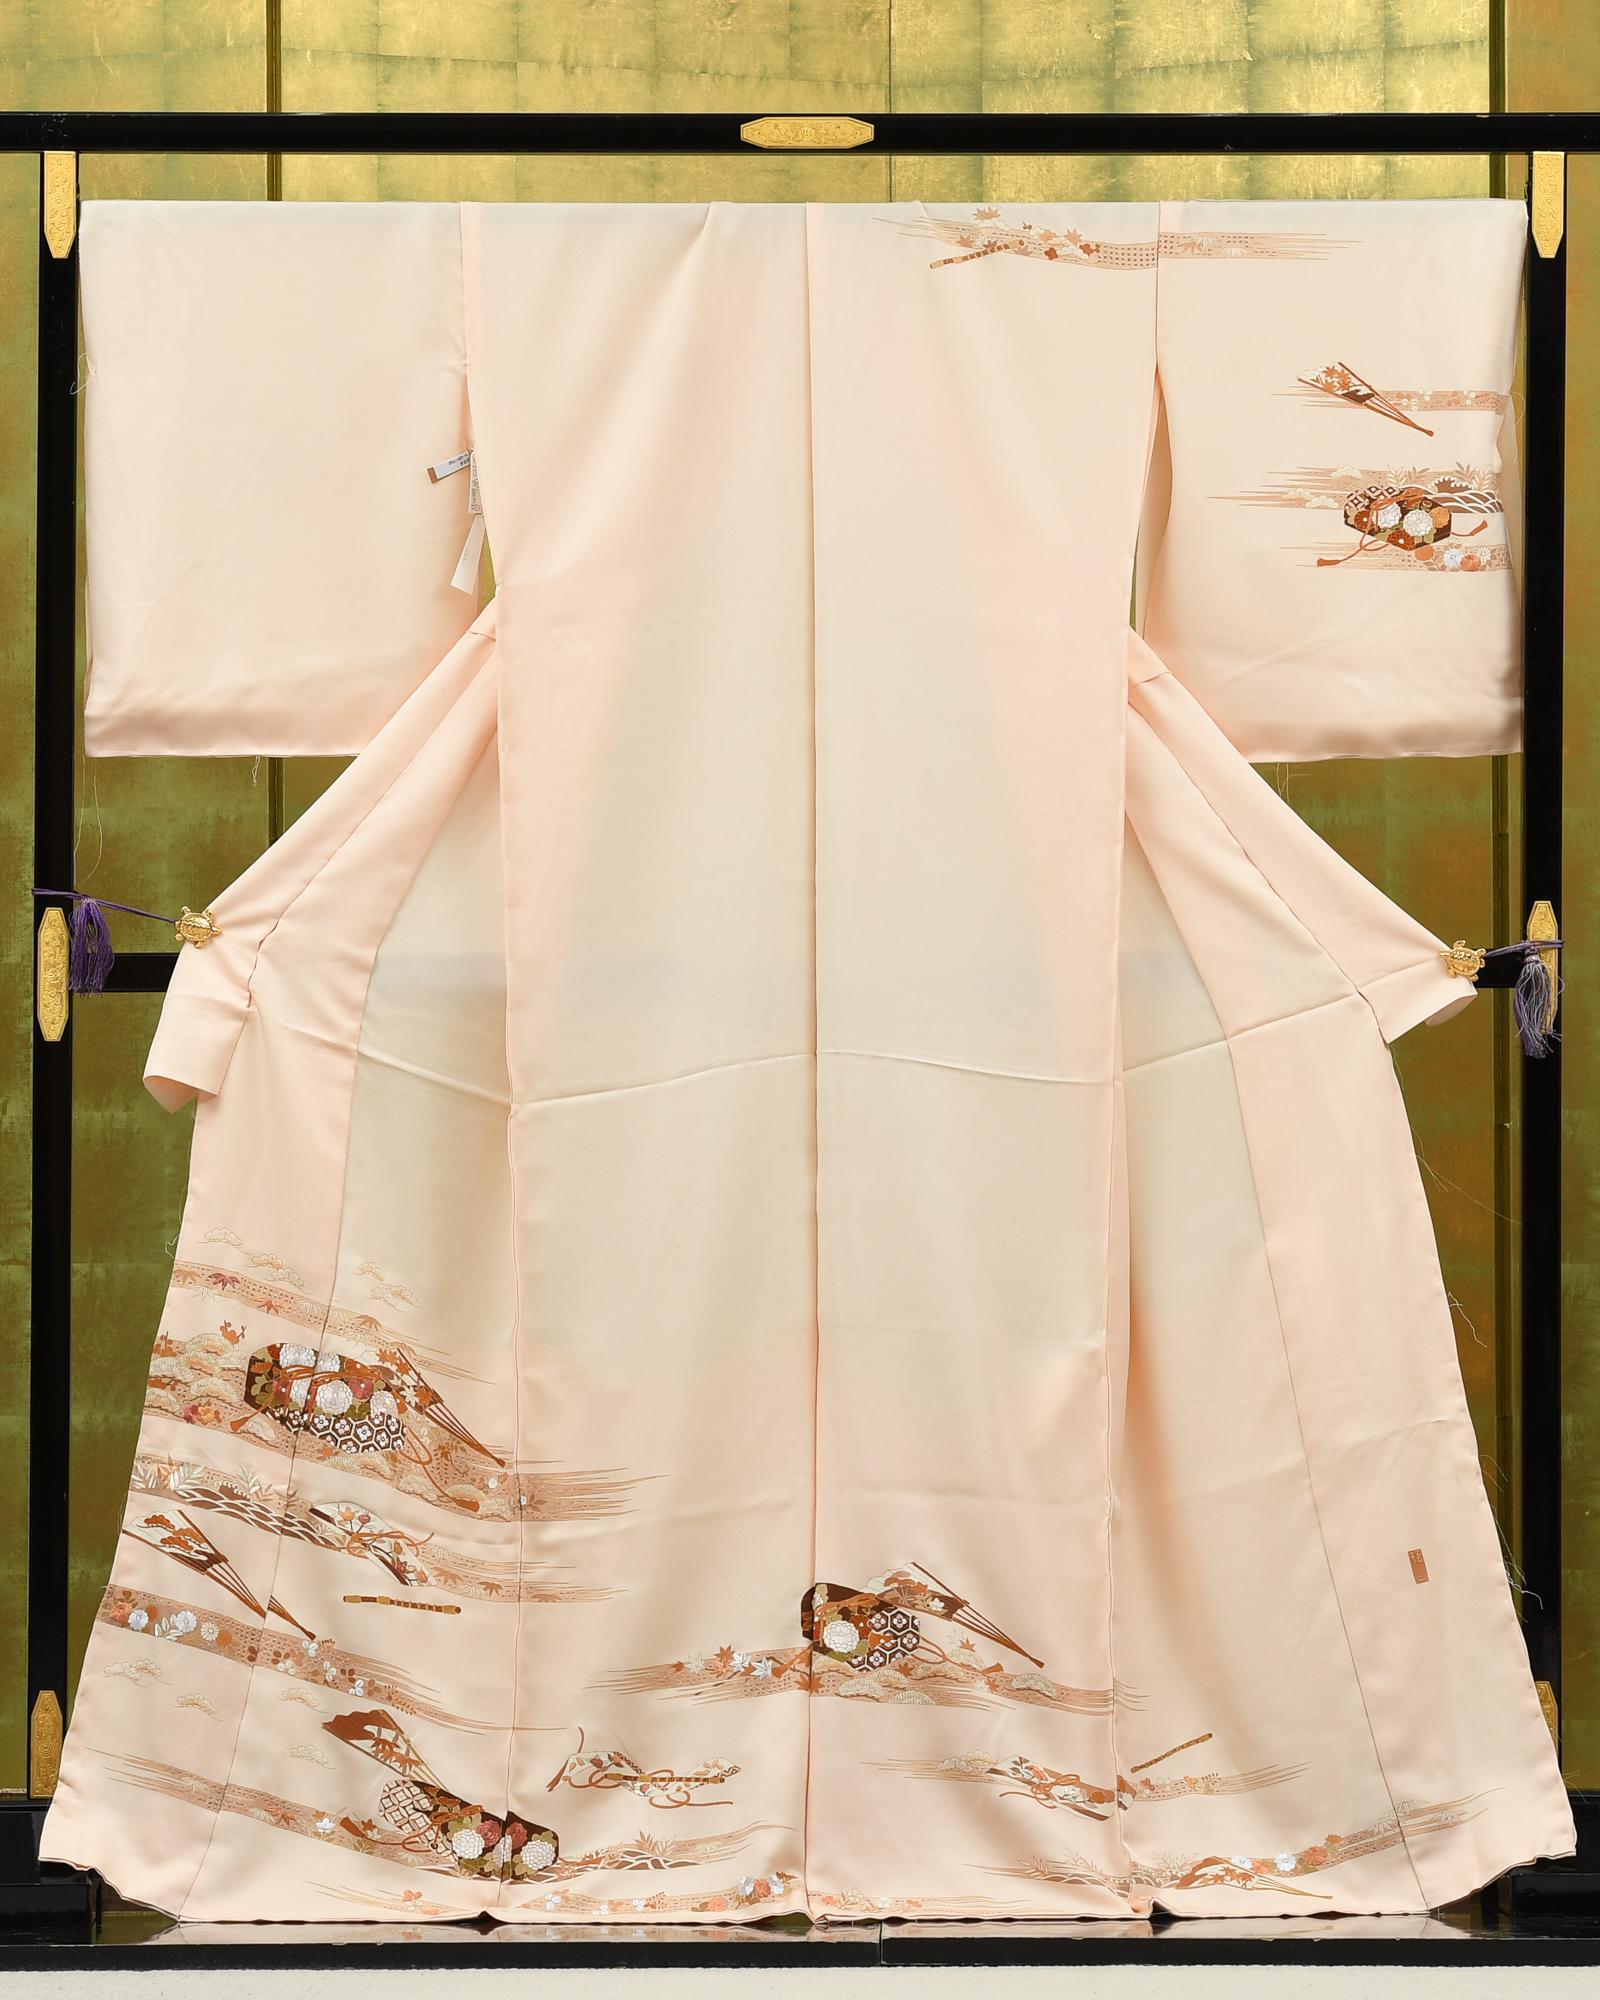 【最高級訪問着オーダーレンタル】オーダーレンタル訪問着・成謙謹製「ピンク系・文箱」品番:order202101